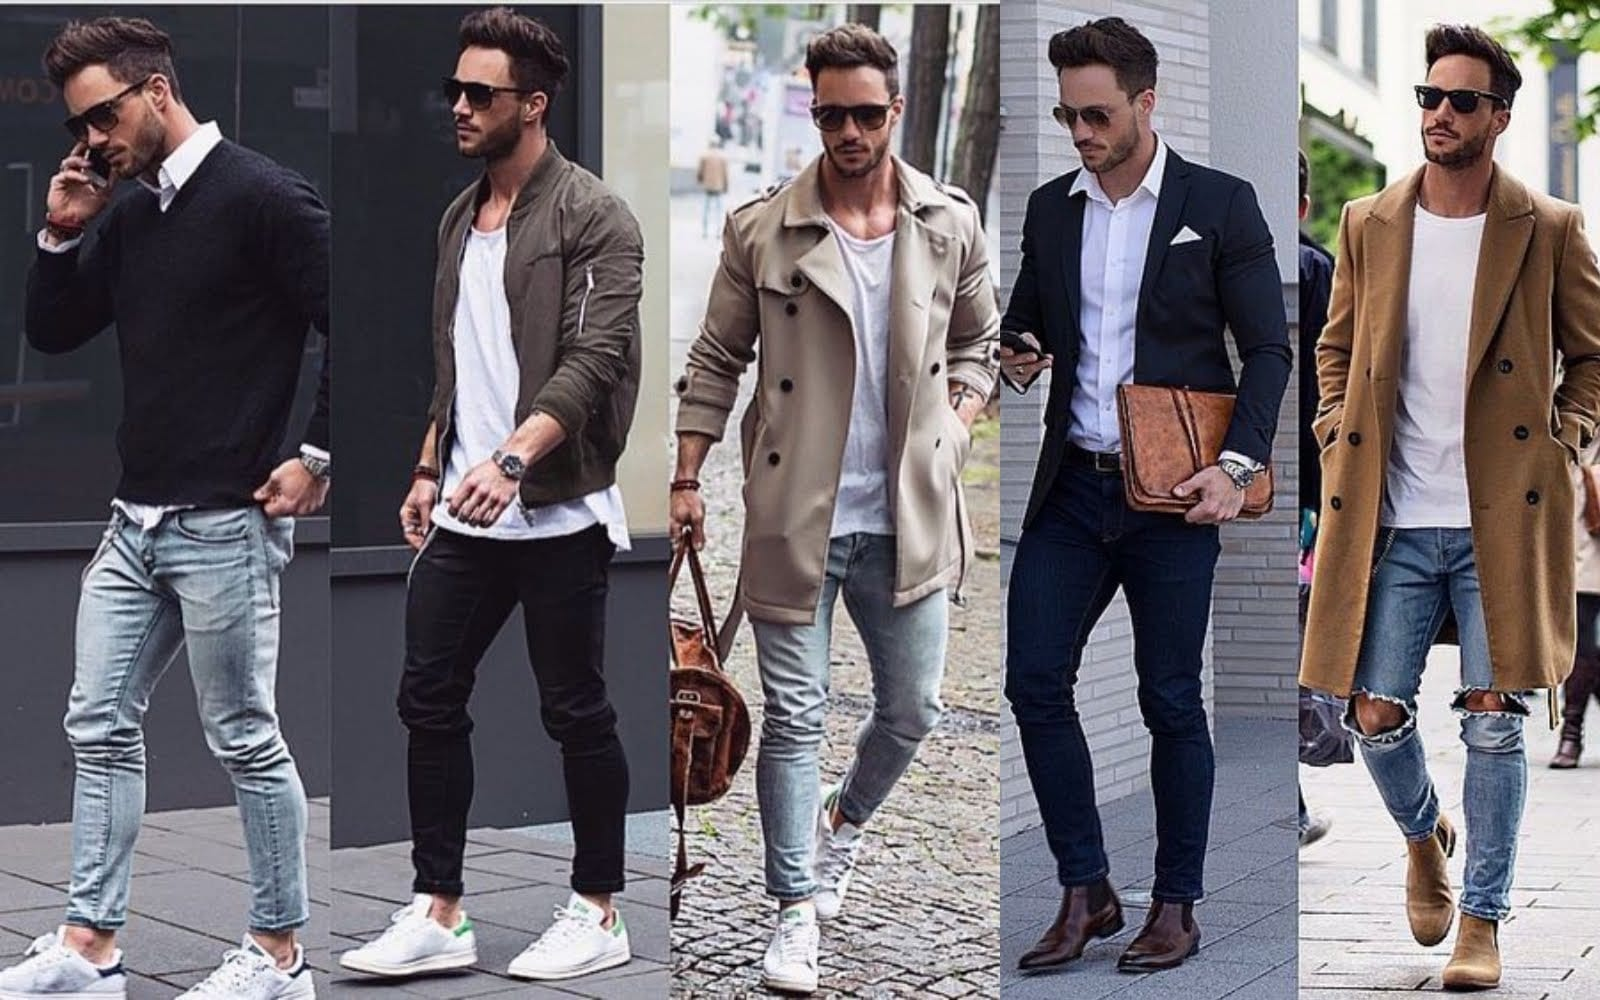 La moda para hombres que viene el pr ximo oto o - La moda de otono ...